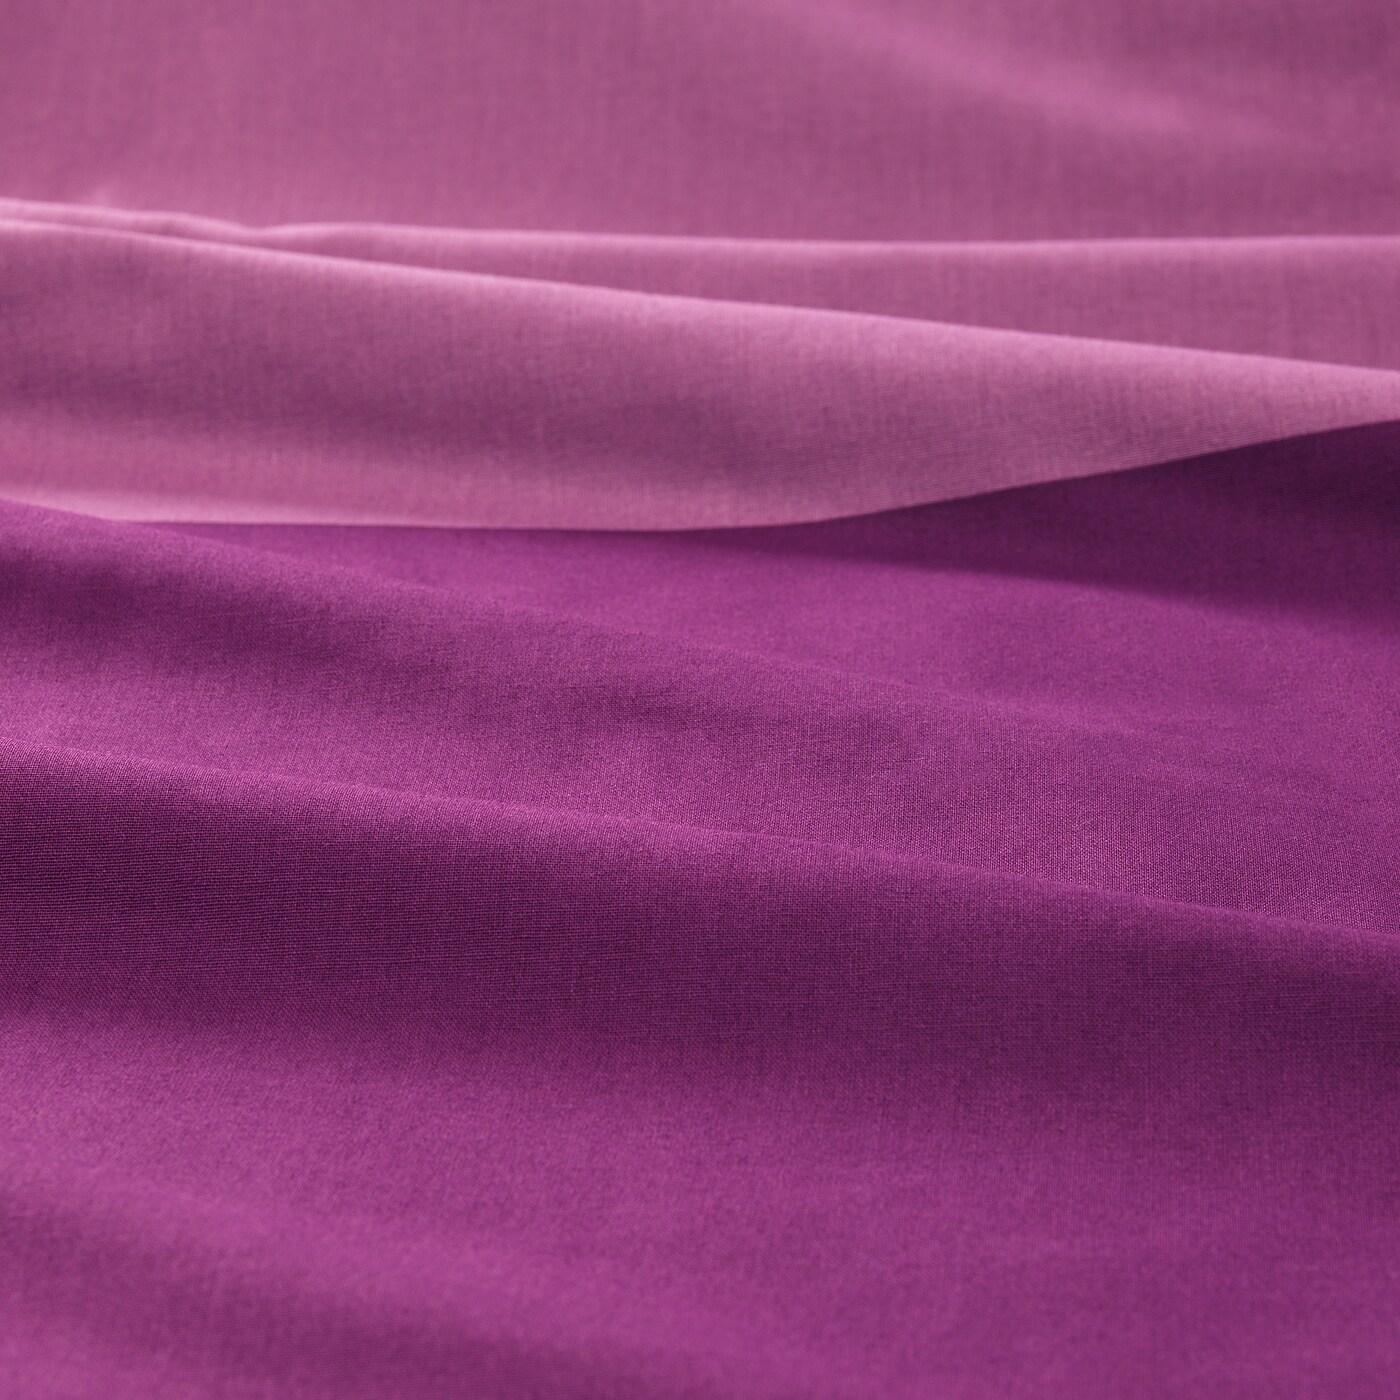 BRUNKRISSLA povlečení na dvoulůžko fialová 152 Palec²  2 ks 200 cm 200 cm 50 cm 60 cm